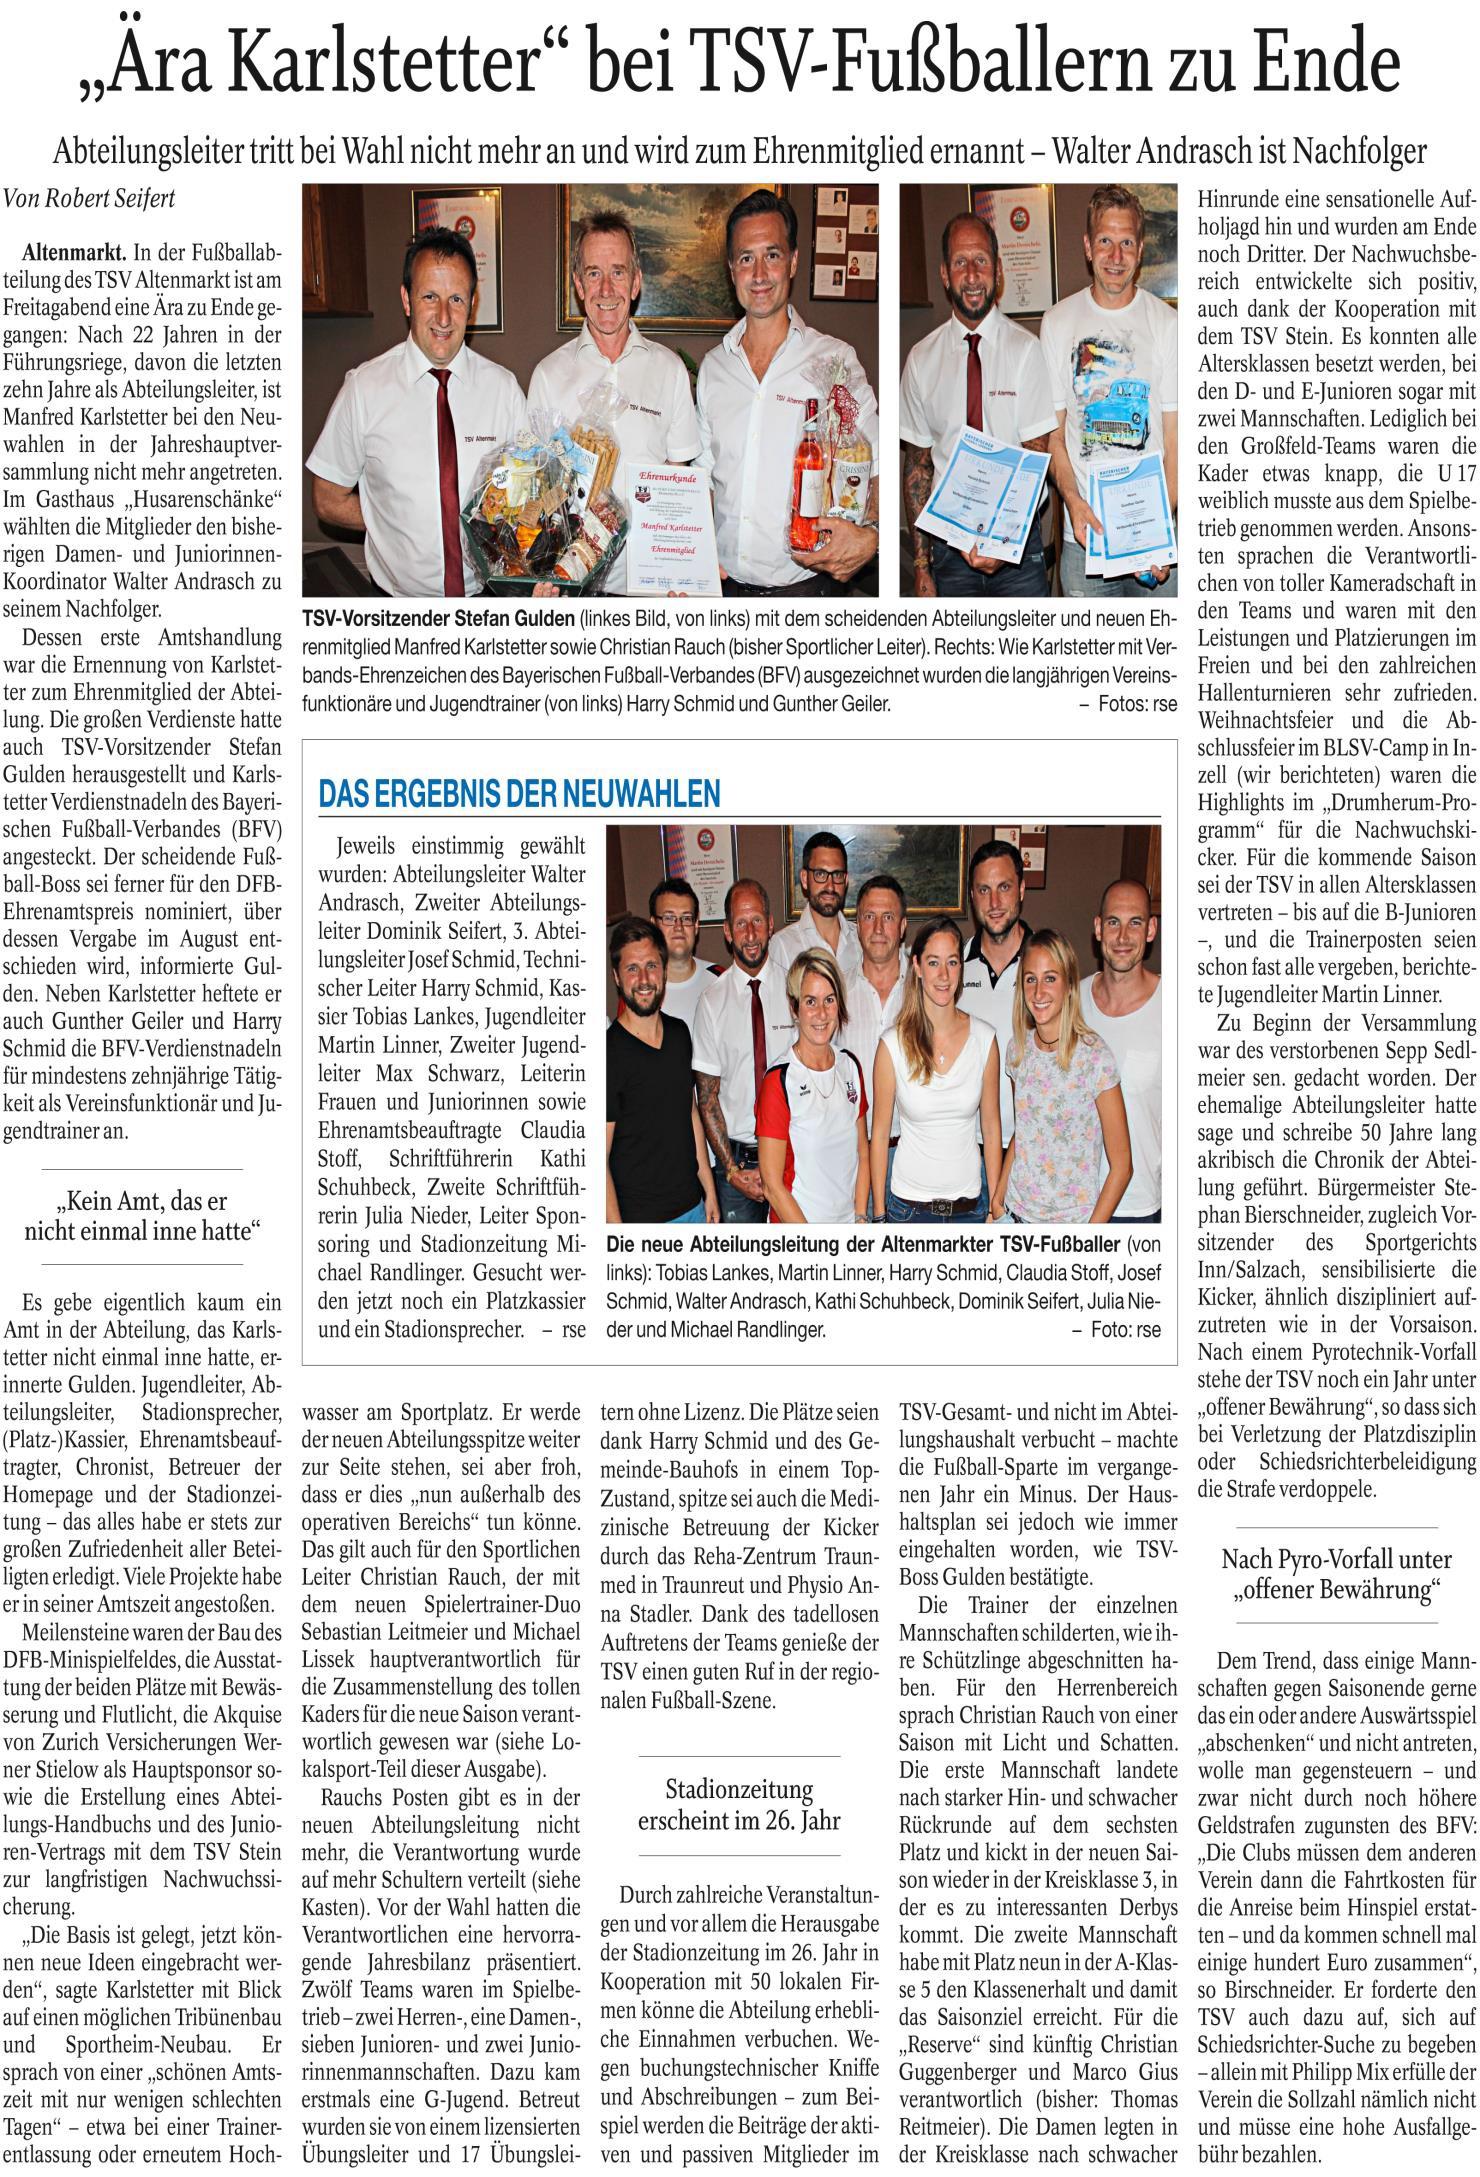 Zeitungsbericht JHV 2017